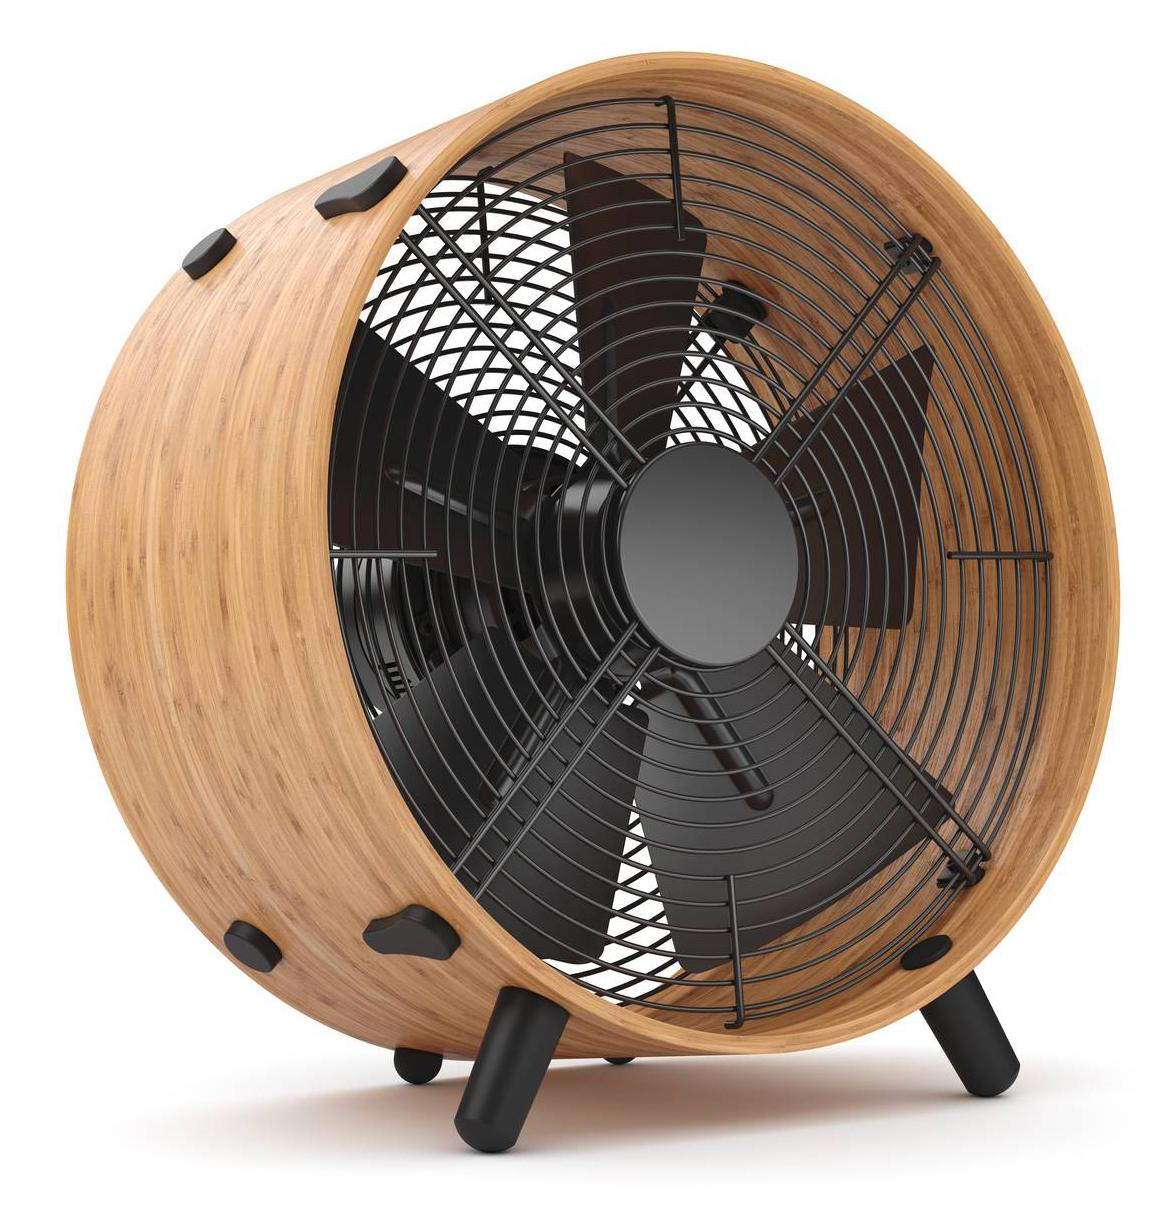 Rinfrescare Casa Fai Da Te ventilatore e raffrescatore: l'aria fresca con nuove forme